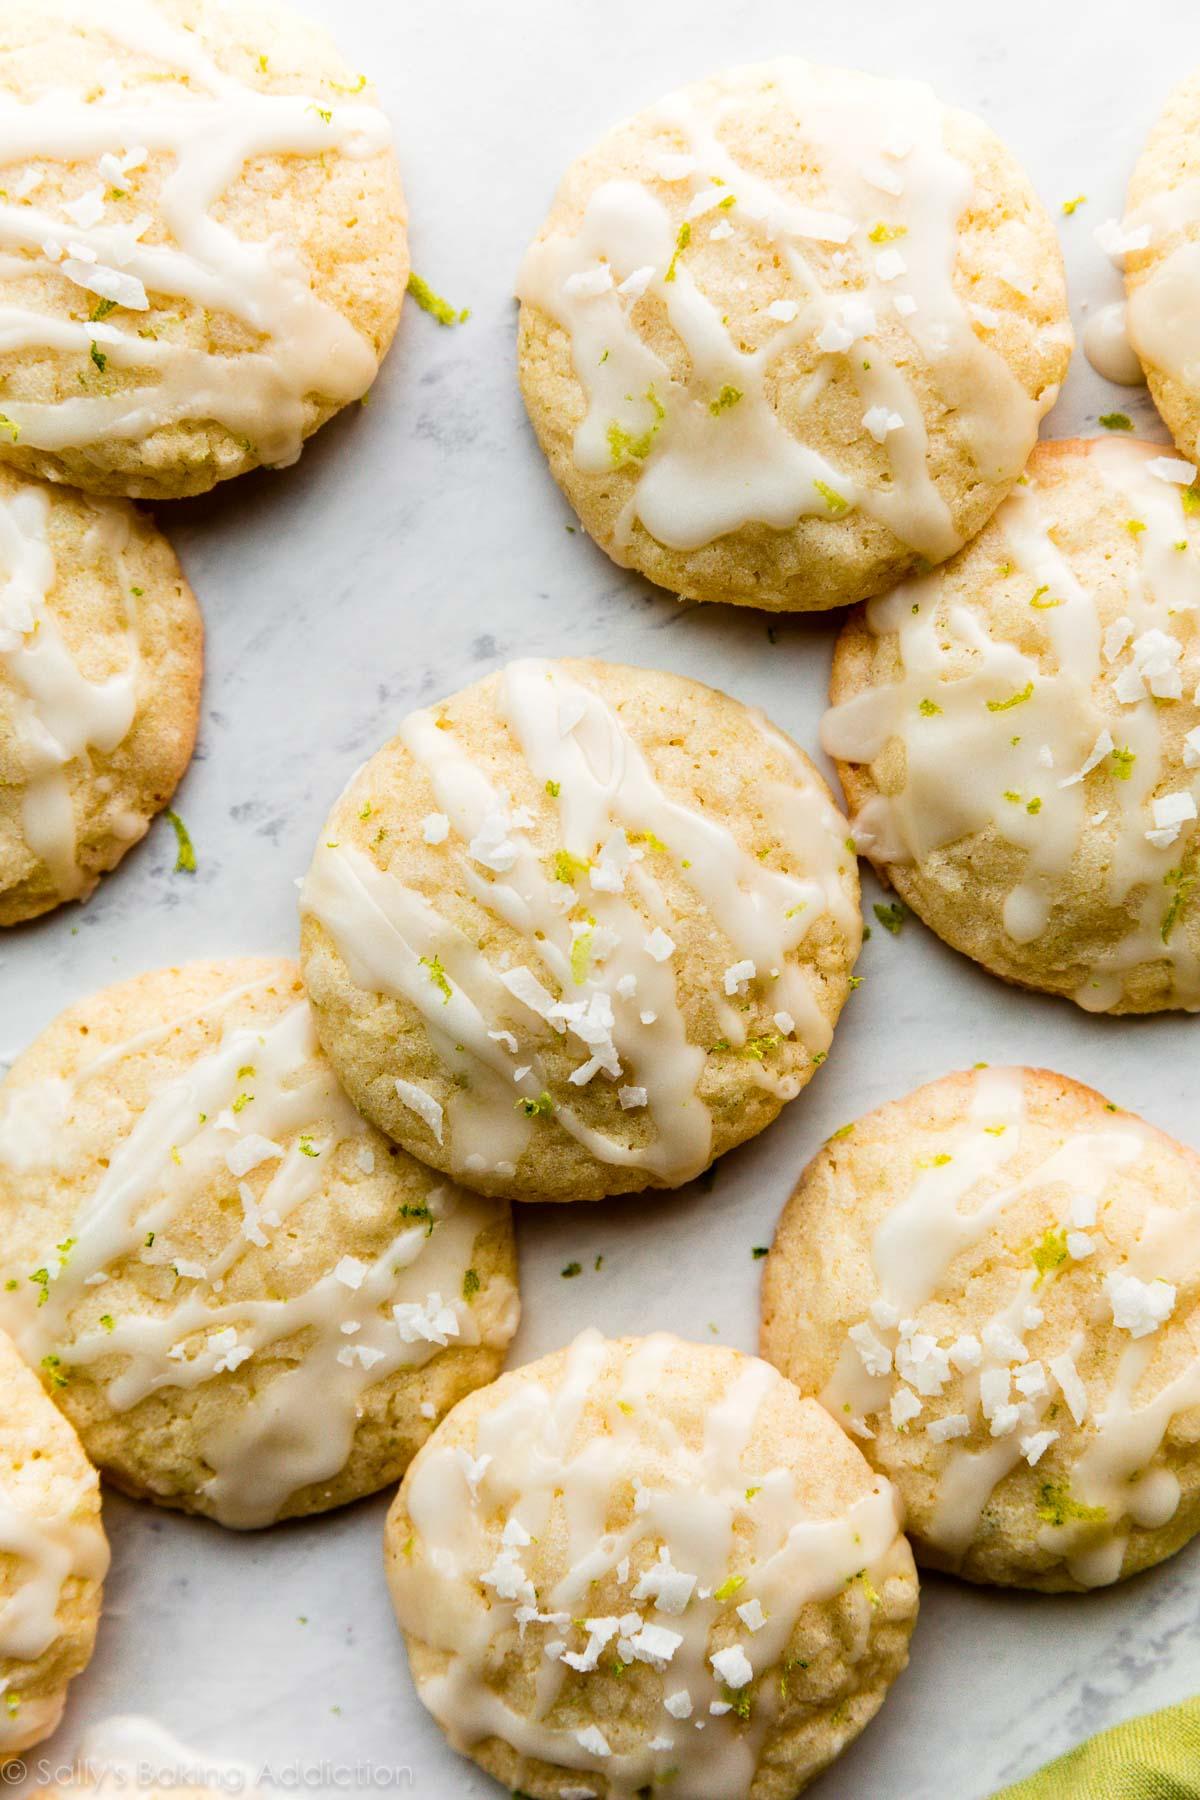 biscuits à la noix de coco et à la lime avec glaçage au citron vert